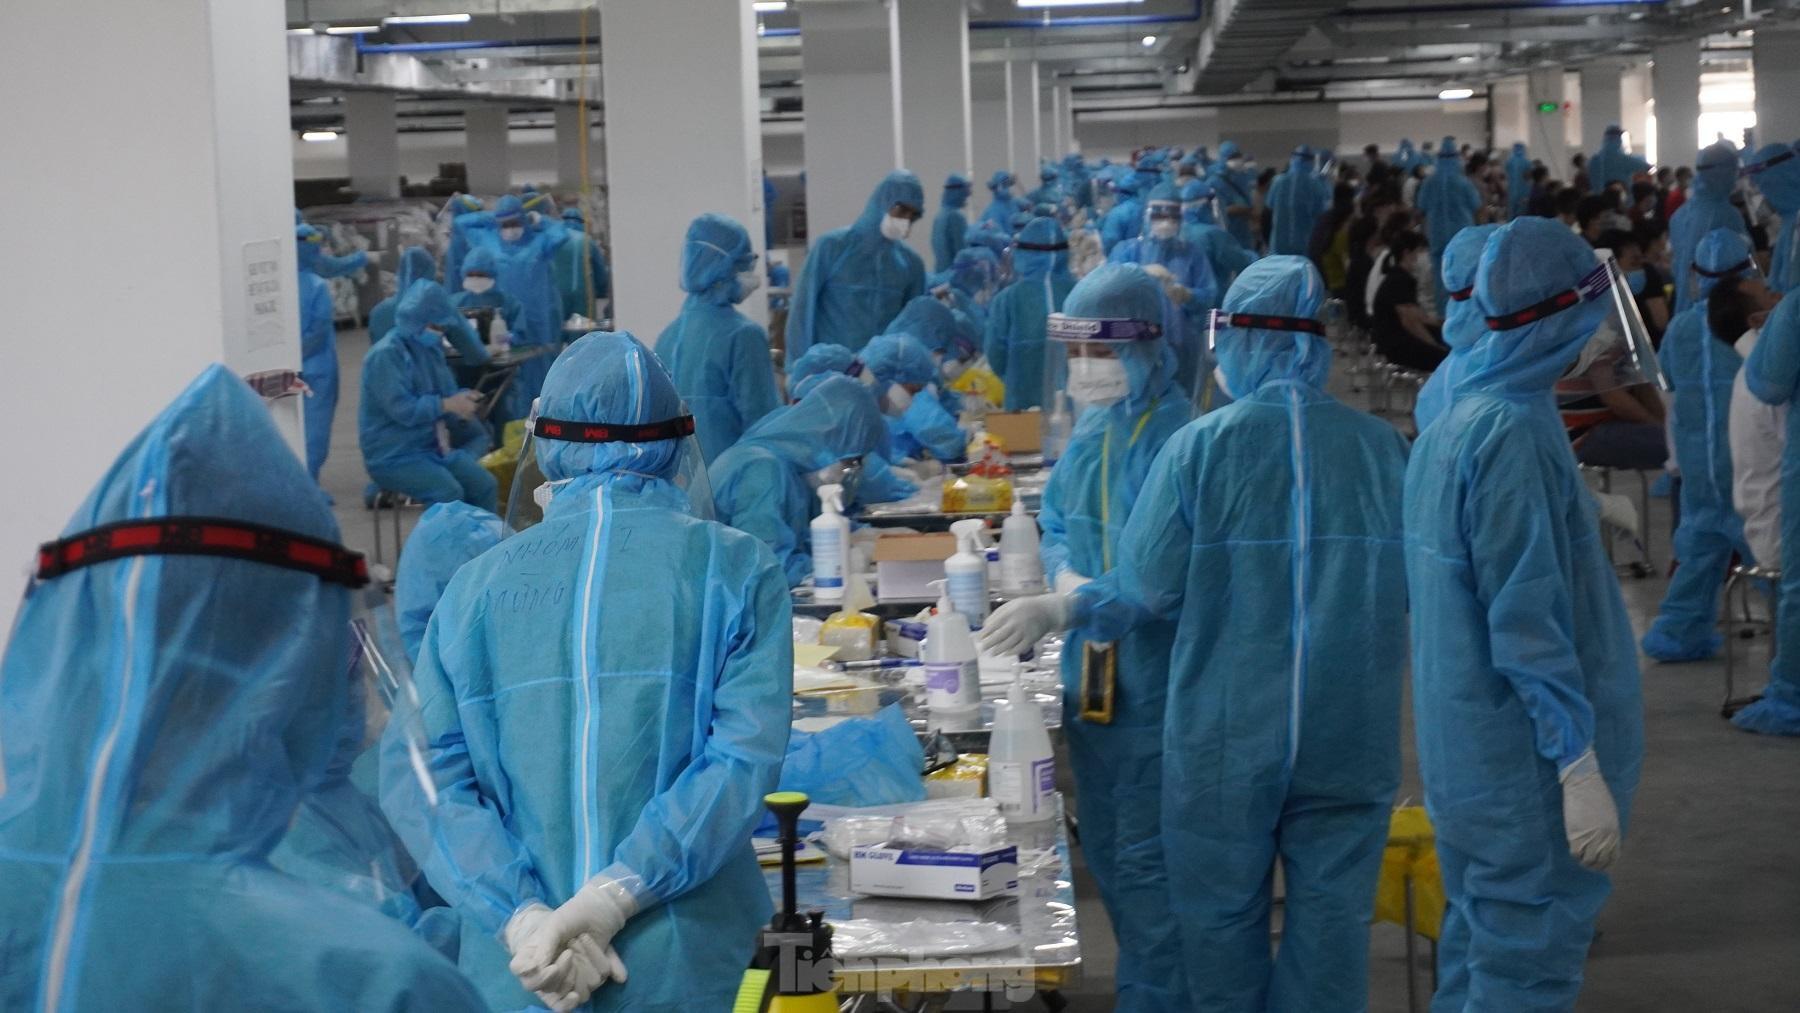 Ca bệnh nặng tăng, tỉnh Bắc Giang đề nghị hỗ trợ máy thở - Ảnh 1.